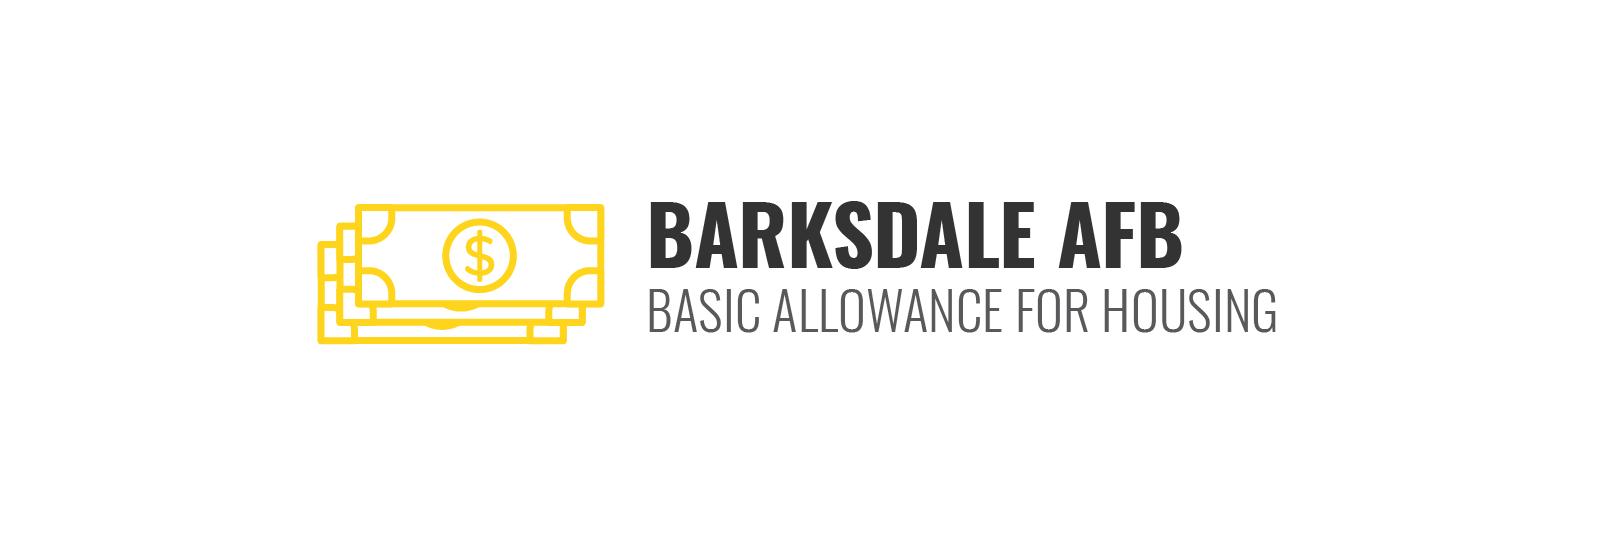 Barksdale AFB BAH